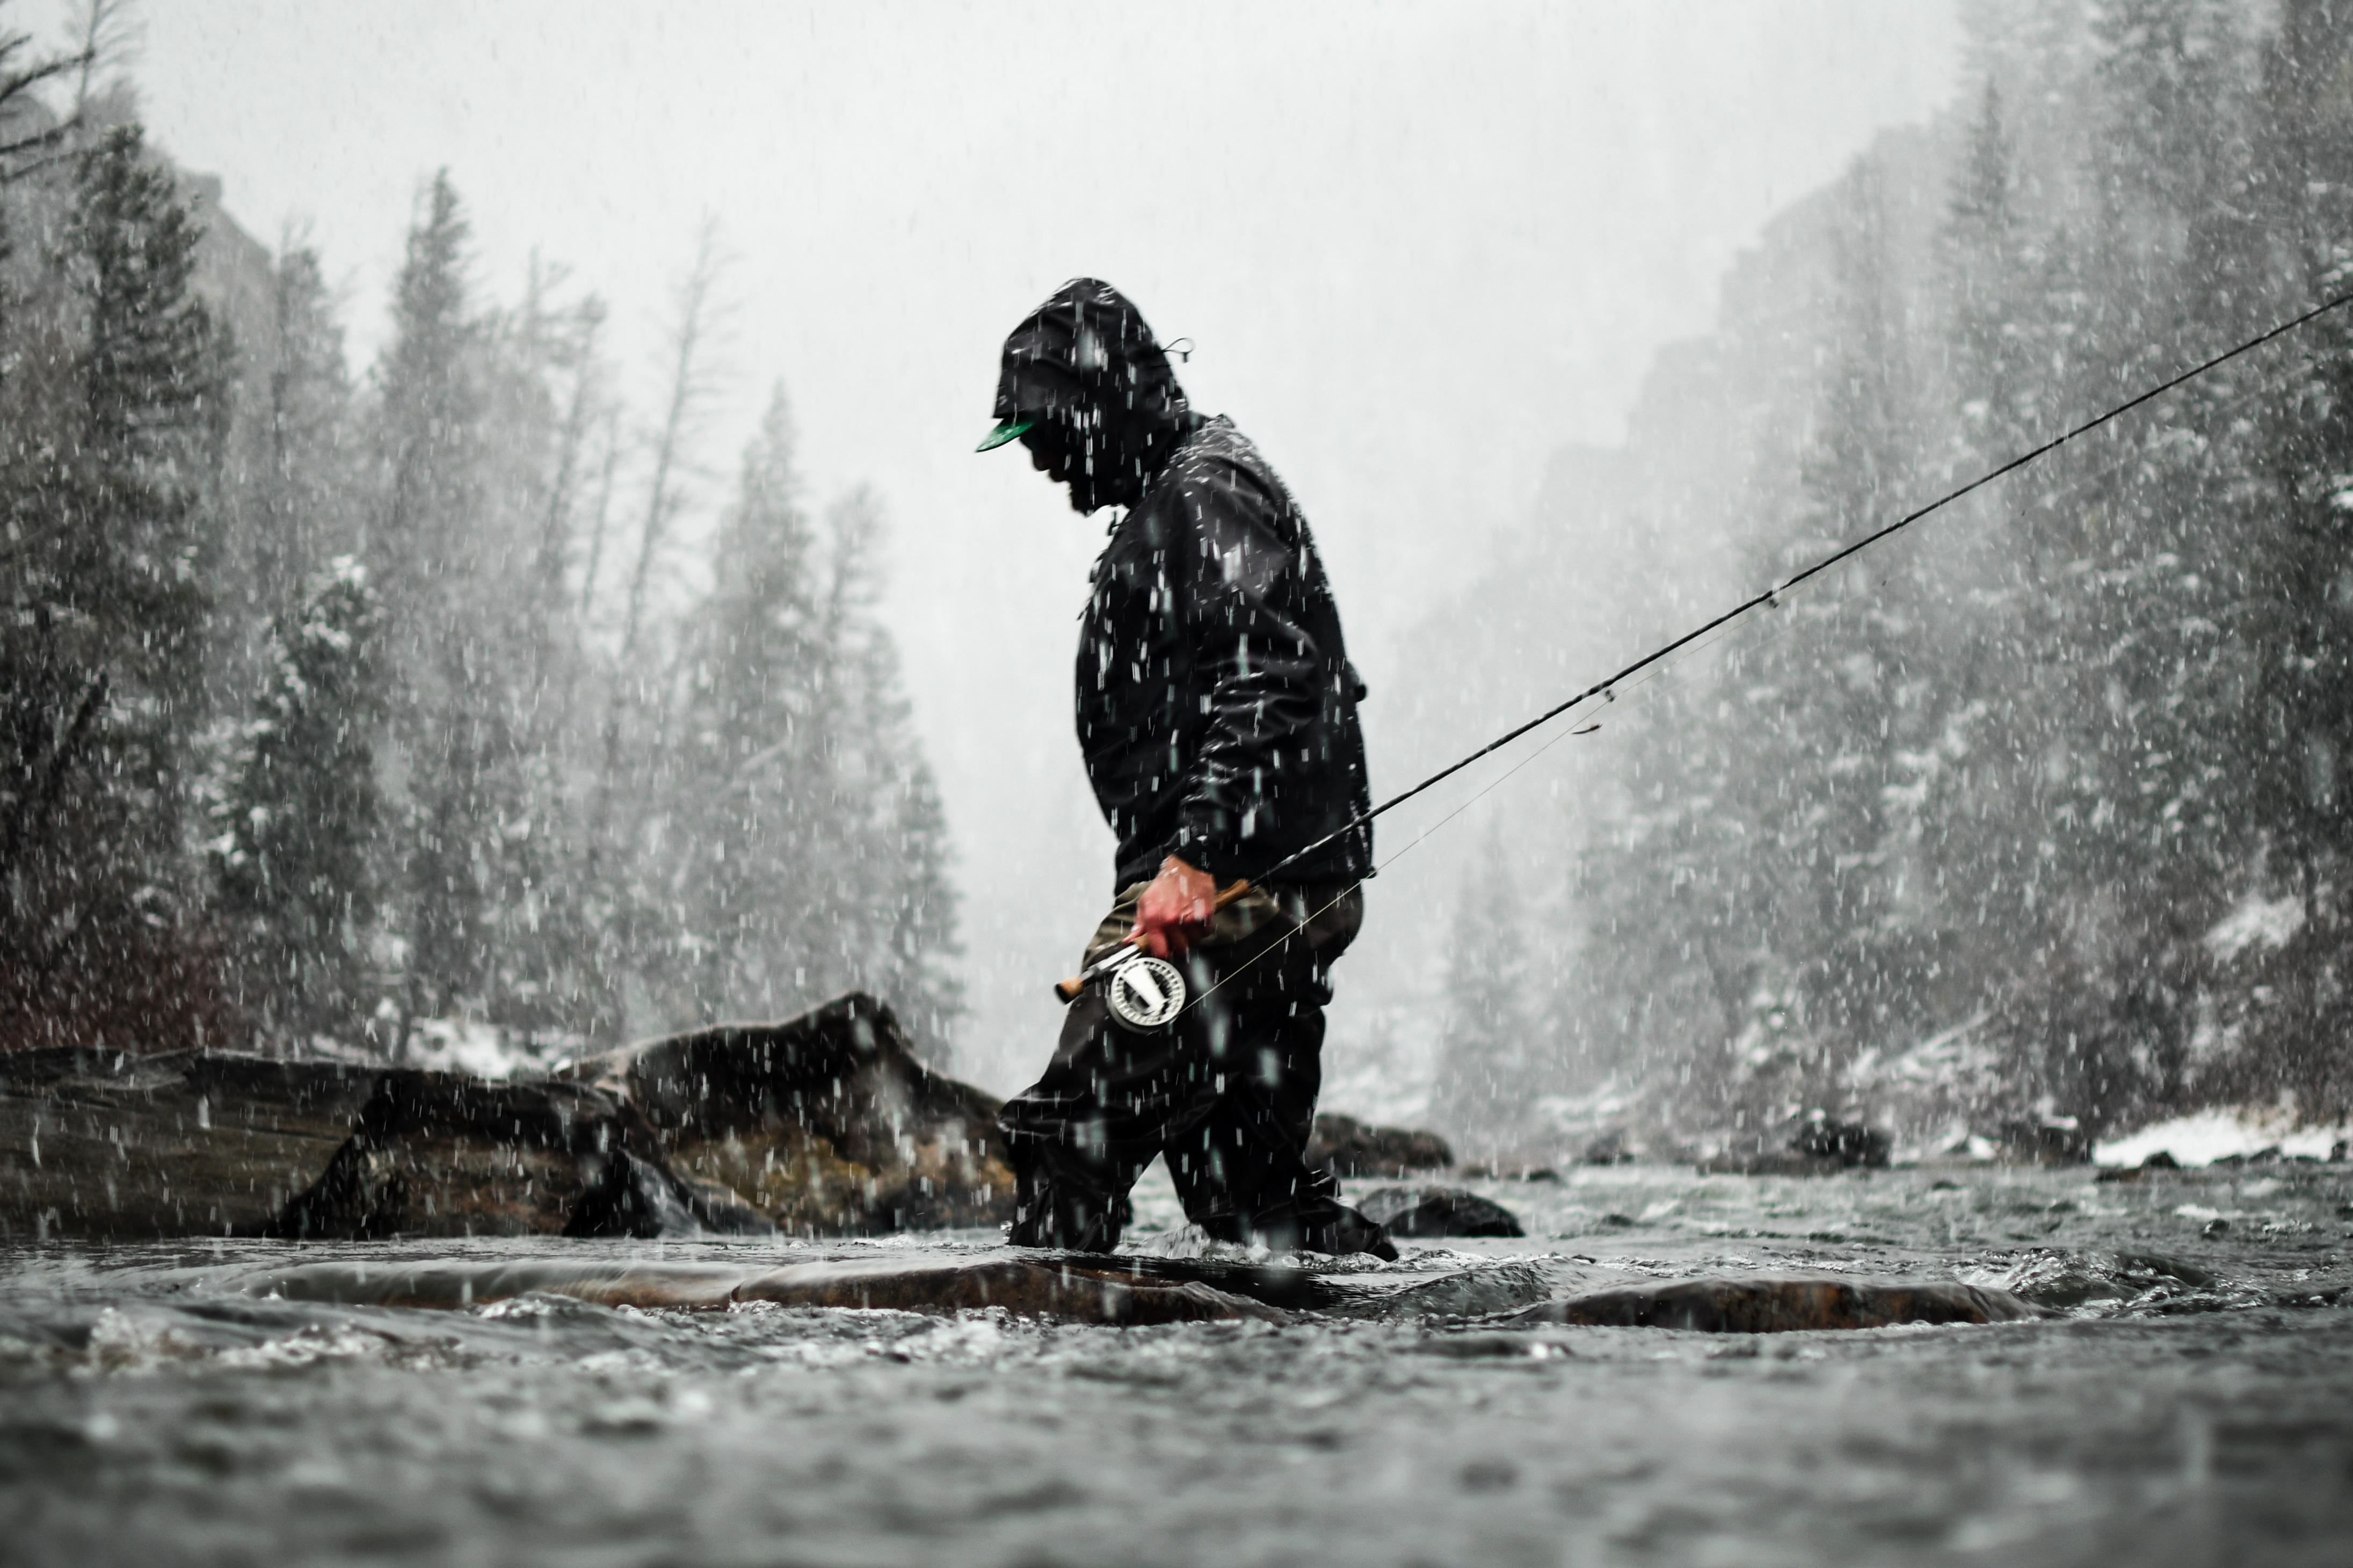 comment faire de belle photo à la pêche